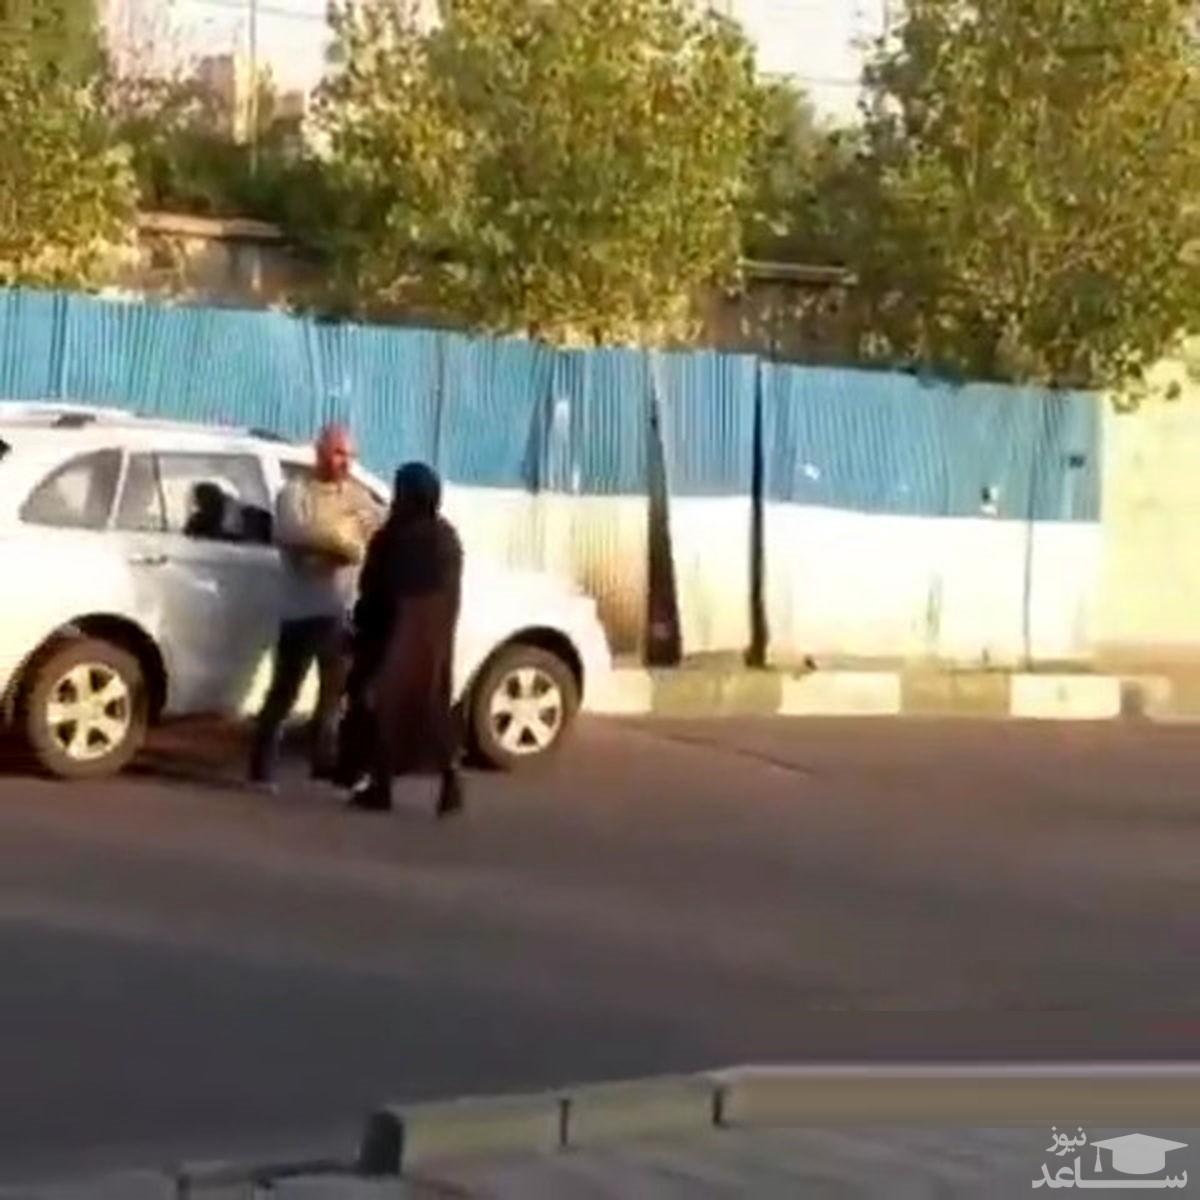 (فیلم) بدلکاری جالب سر صحنه فیلم مهدی کوشکی